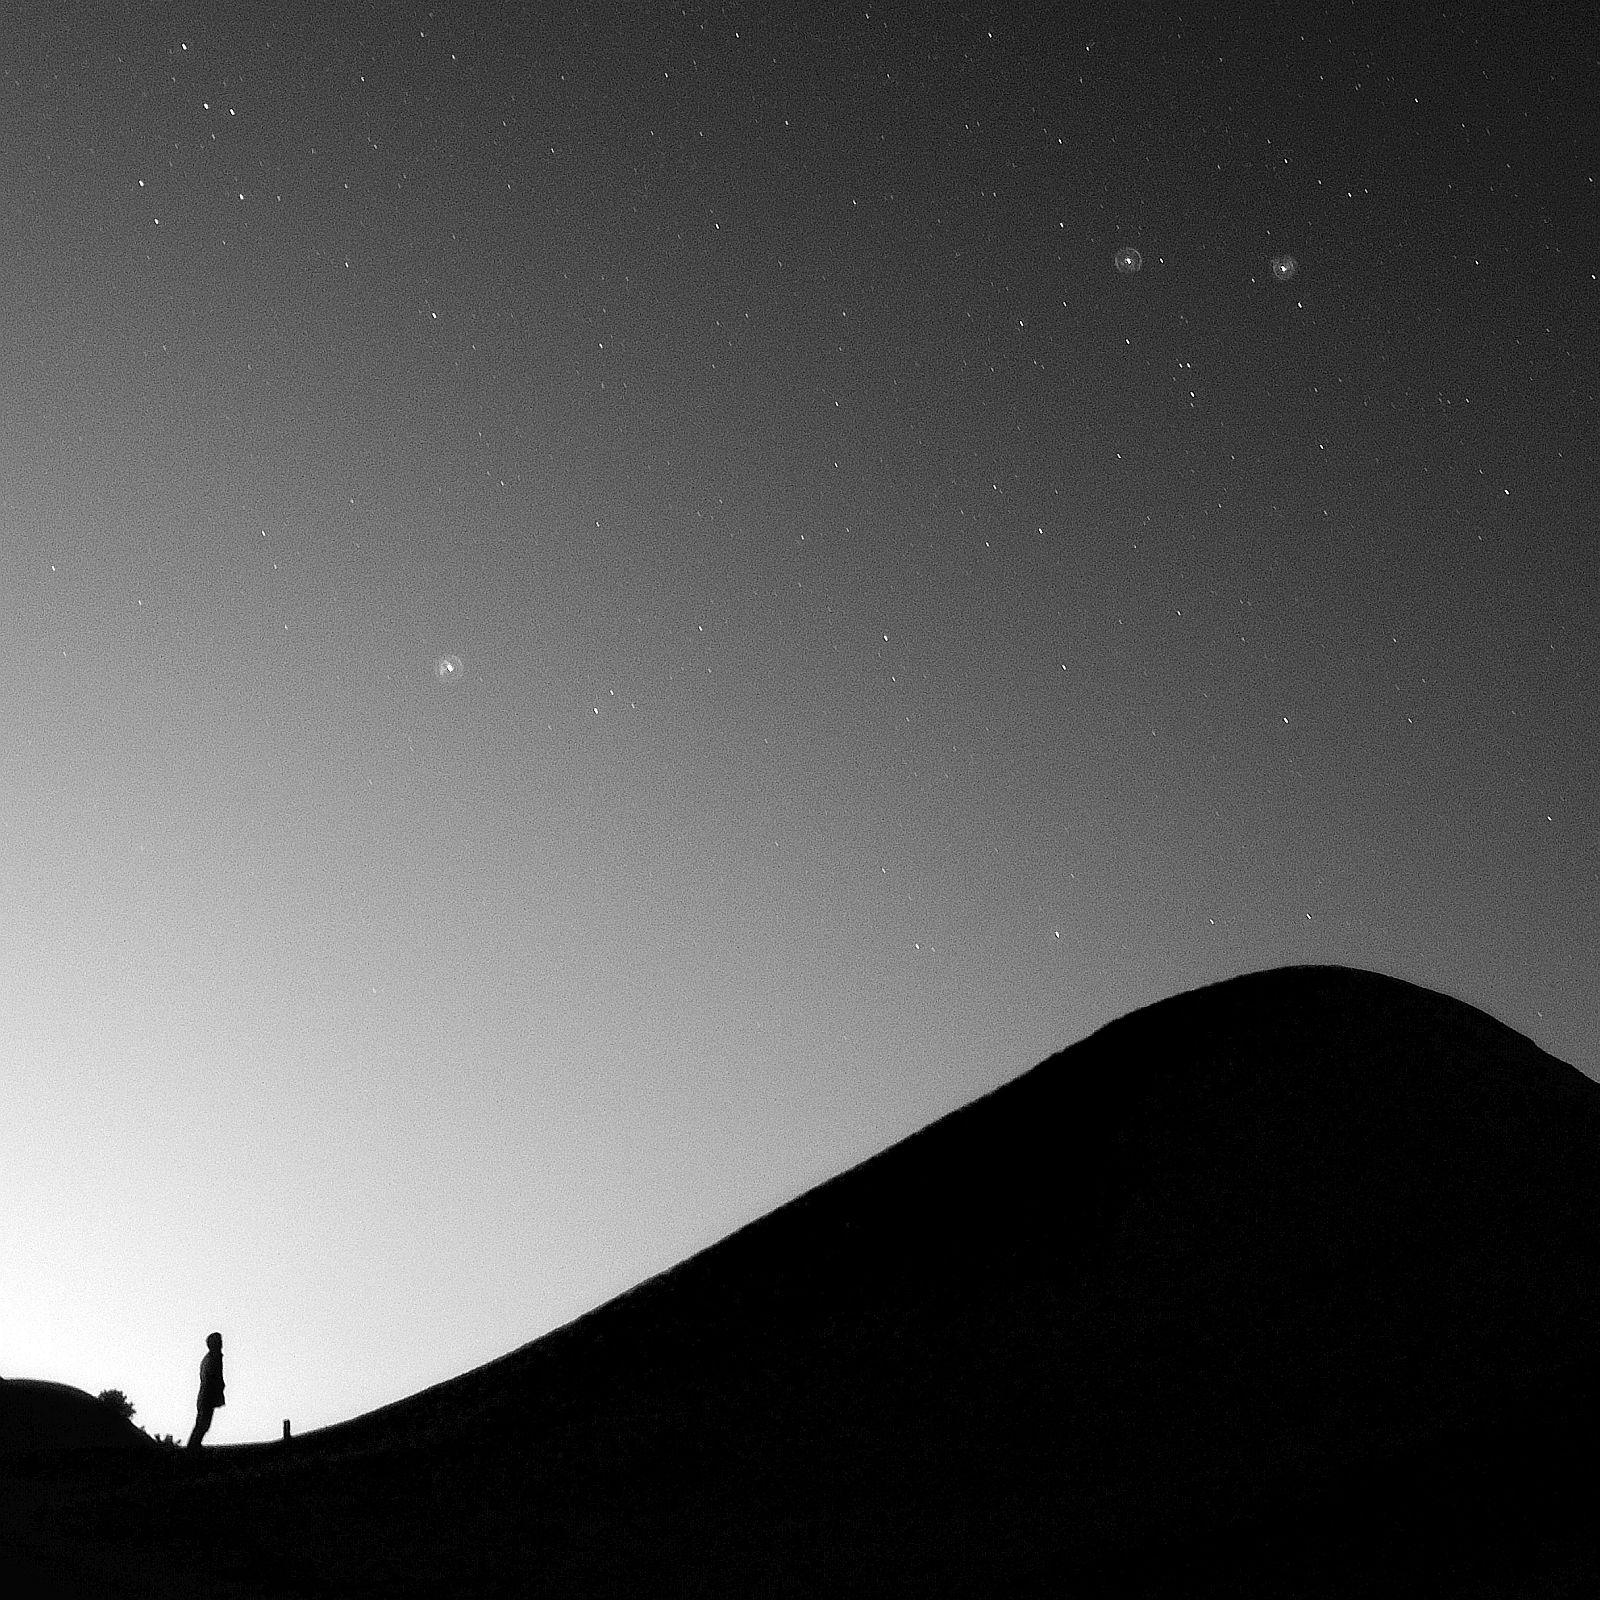 «Звёздная пыль». Первое место в номинации «Съёмка с длинной выдержкой». Фото: Jisoo Kang